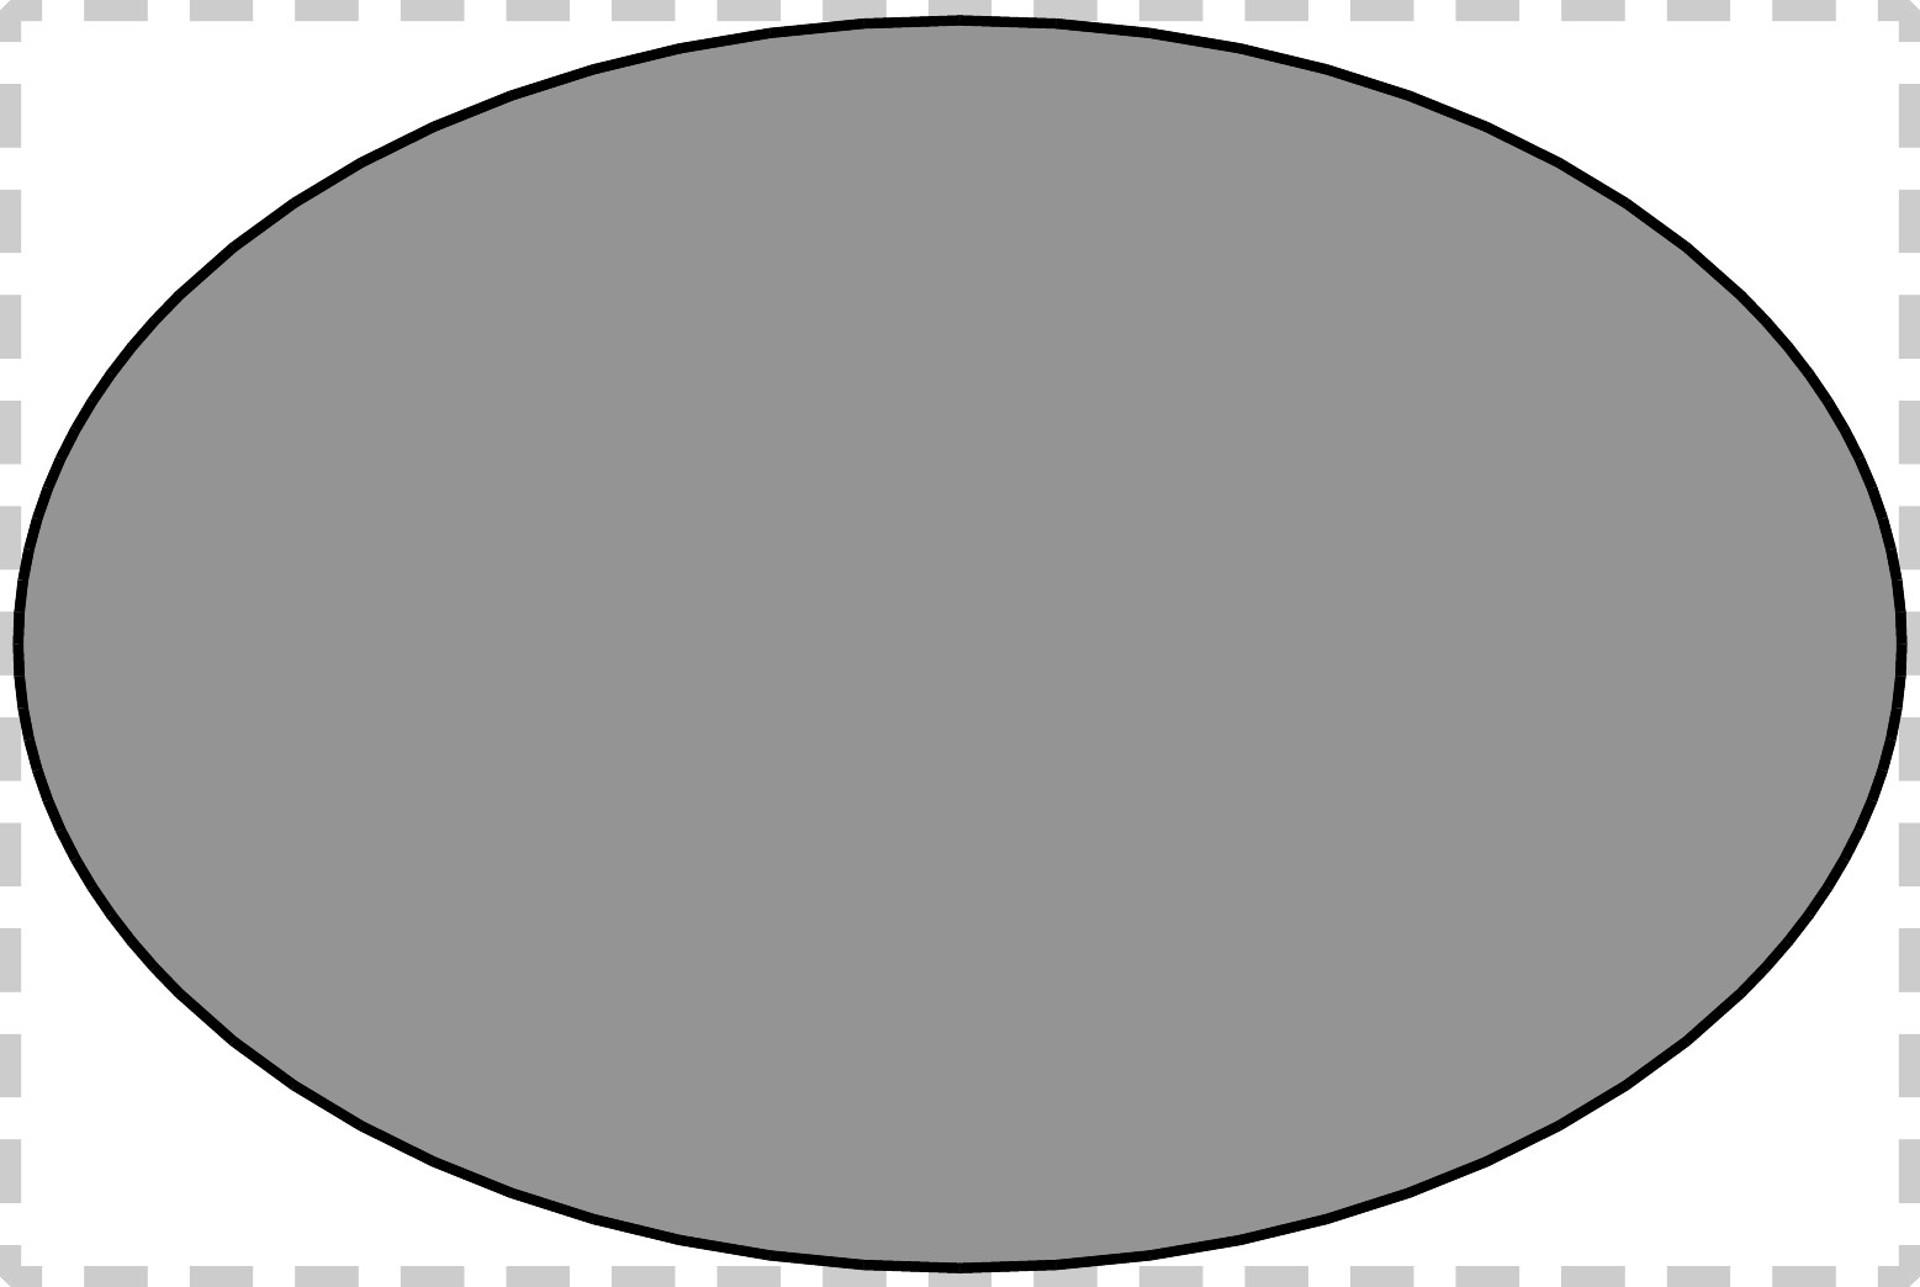 A - Oval